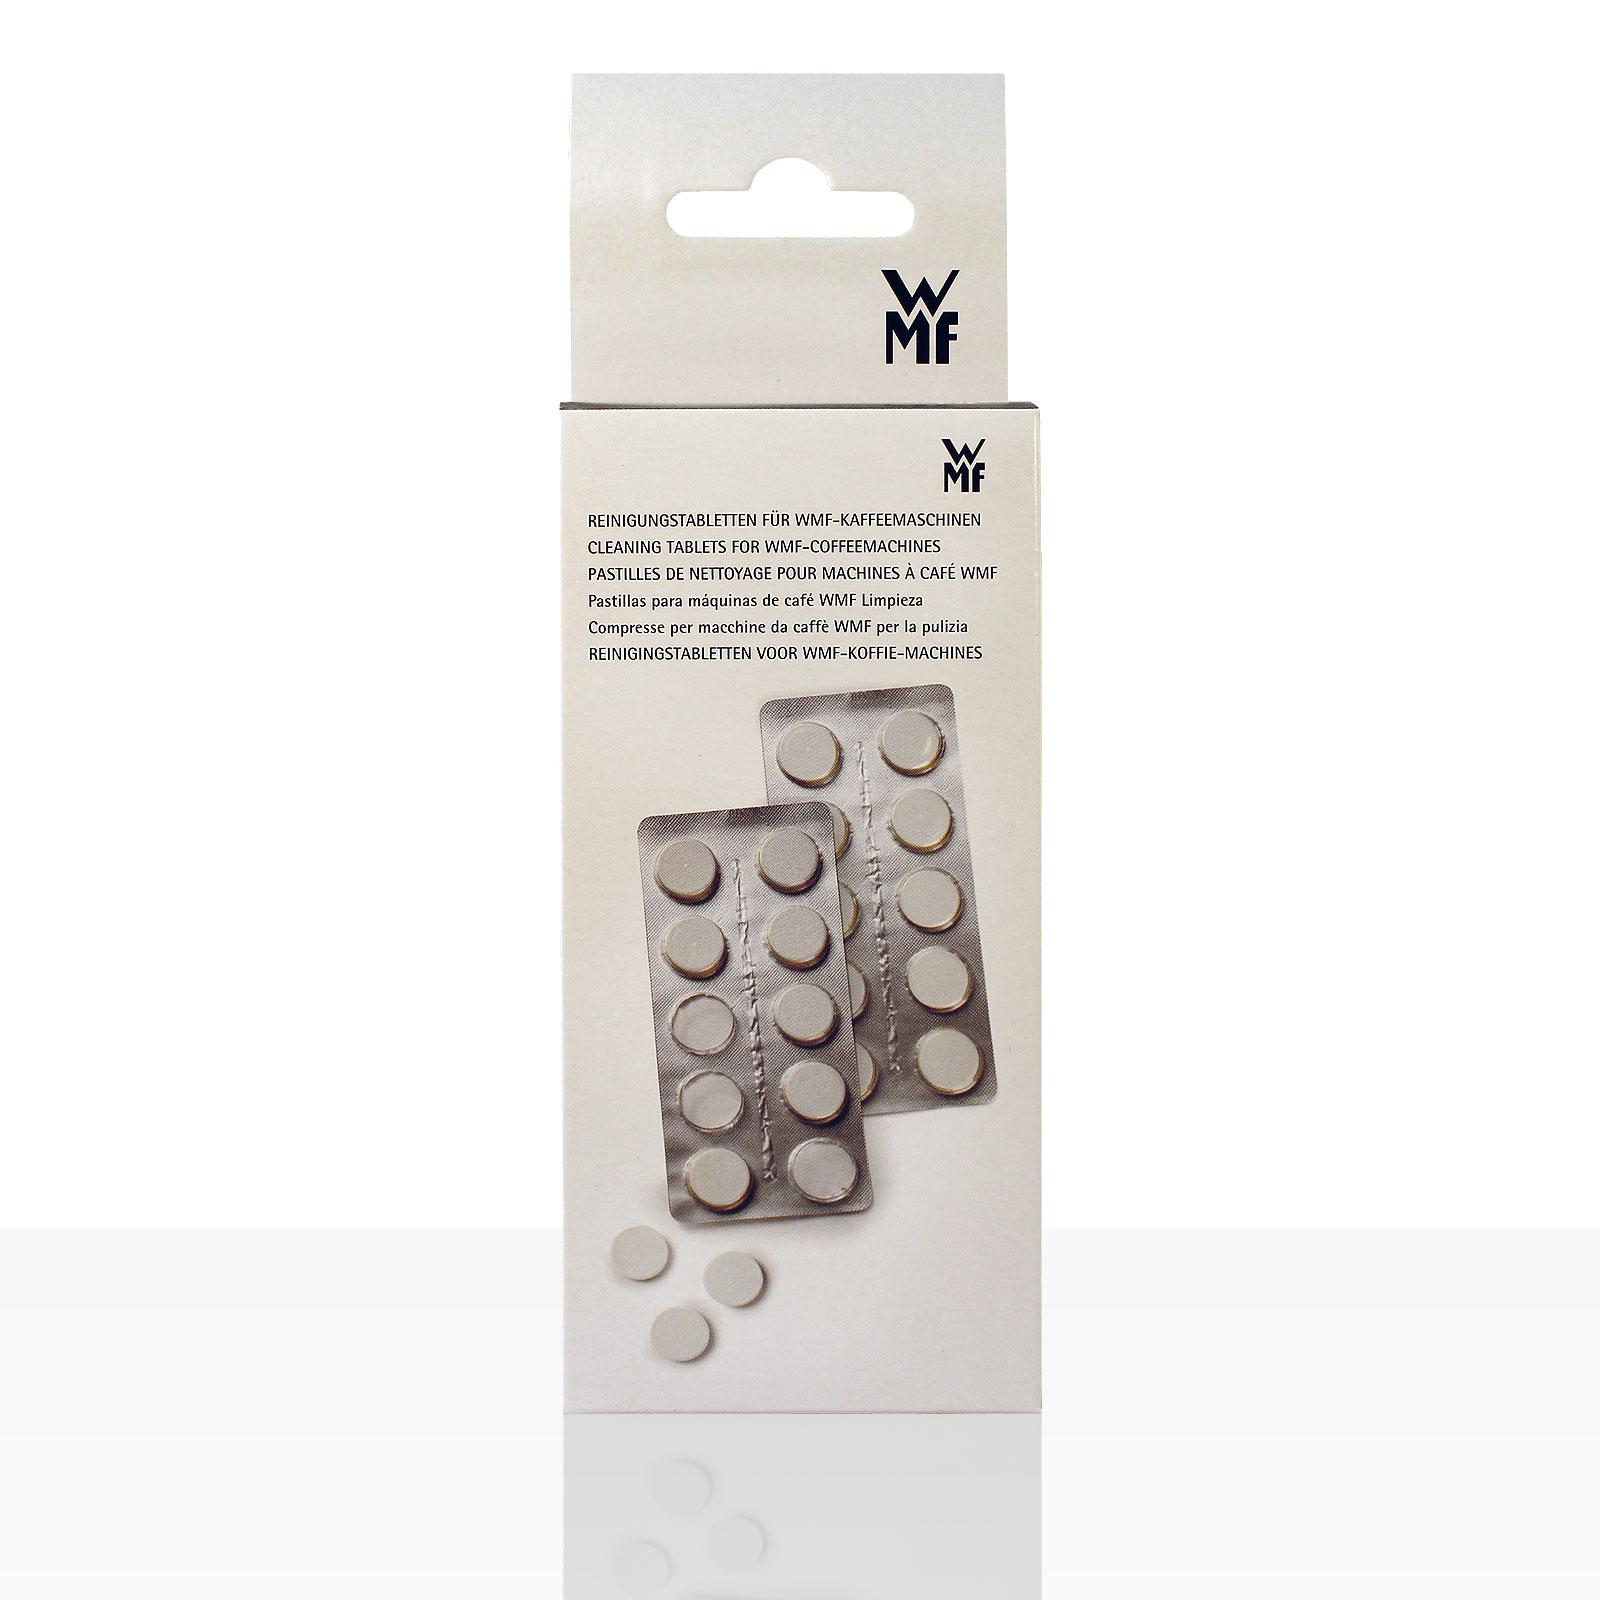 wmf spezial reinigungstabletten 20 x 1 3g blister 1stk. Black Bedroom Furniture Sets. Home Design Ideas